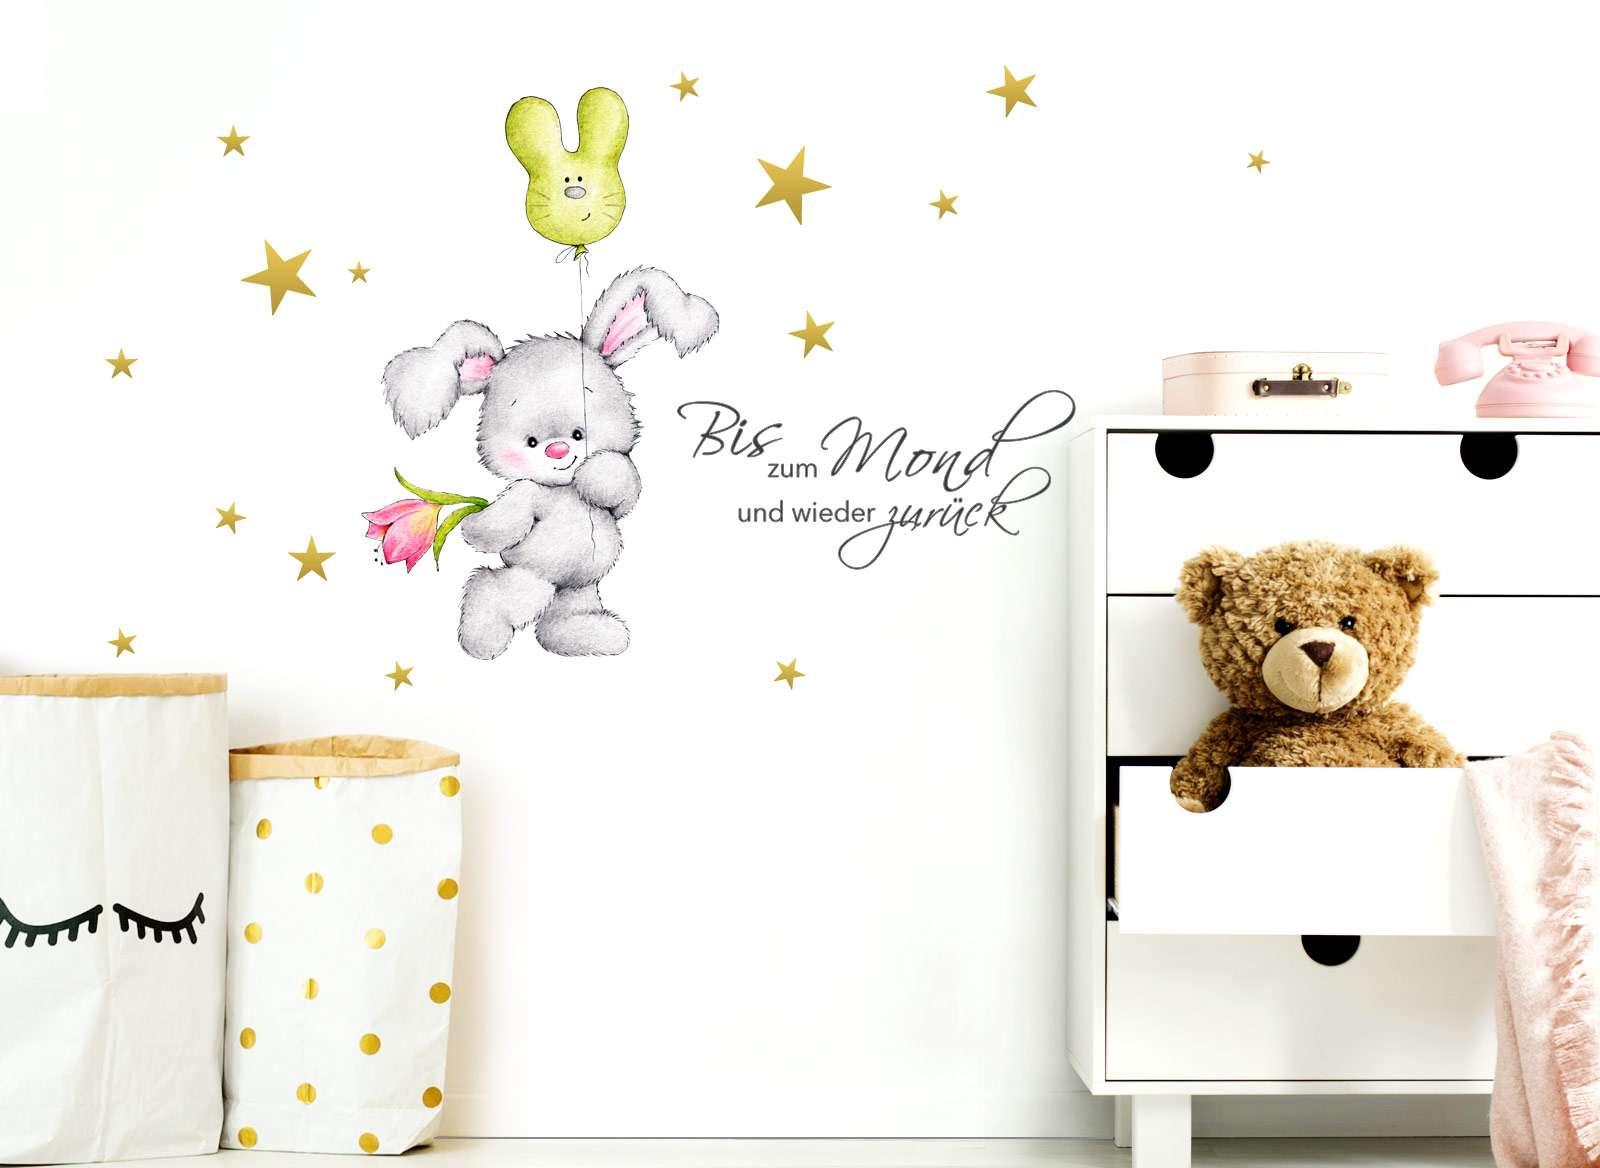 Little Deco Wandtattoo Bis Zum Mond Hase Mit Luftballon Dl159 Madchen Kinderzimmer Wandtattoos Nach Zimmer Wandtattoos Grandora De